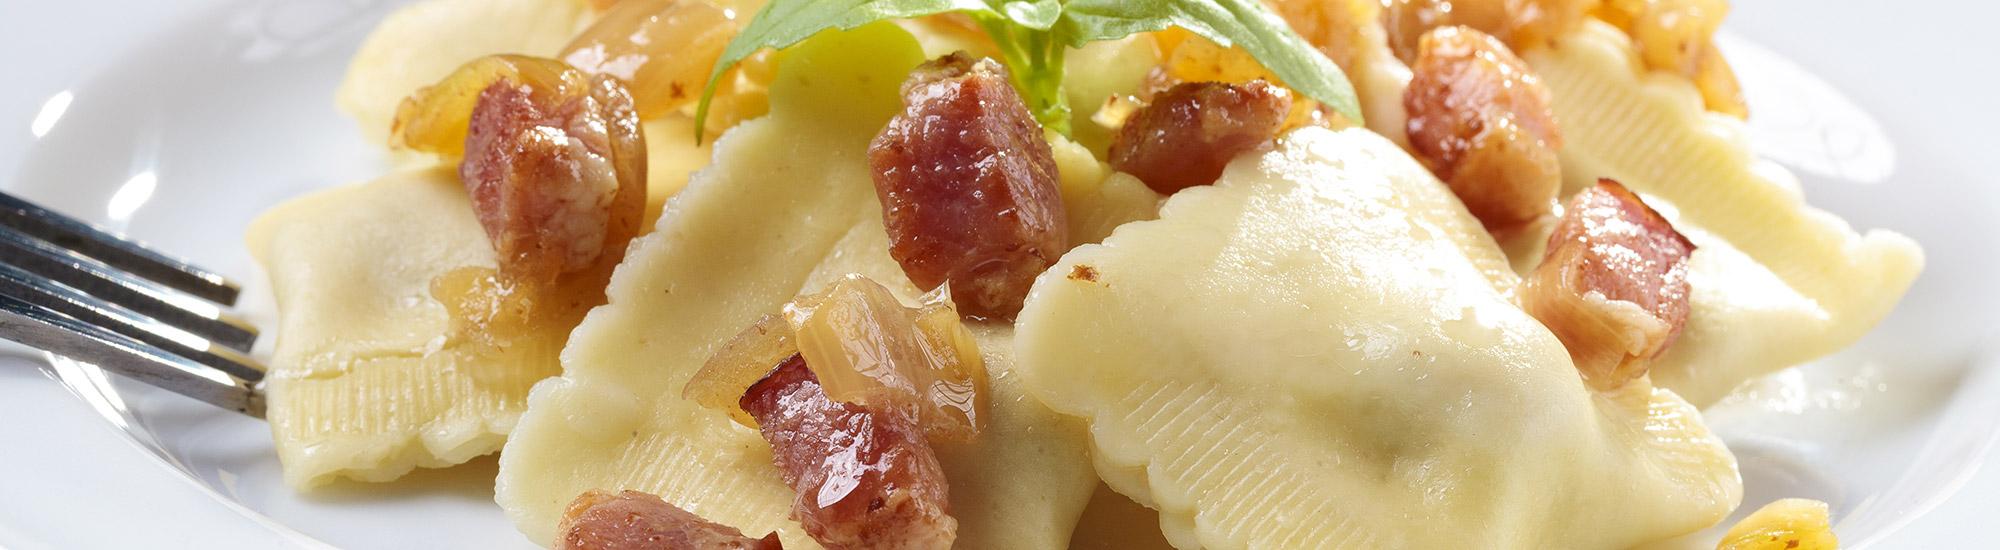 ricetta Tortelli al radicchio rosso e Asiago DOP con cubetti di speck con pasta fresca